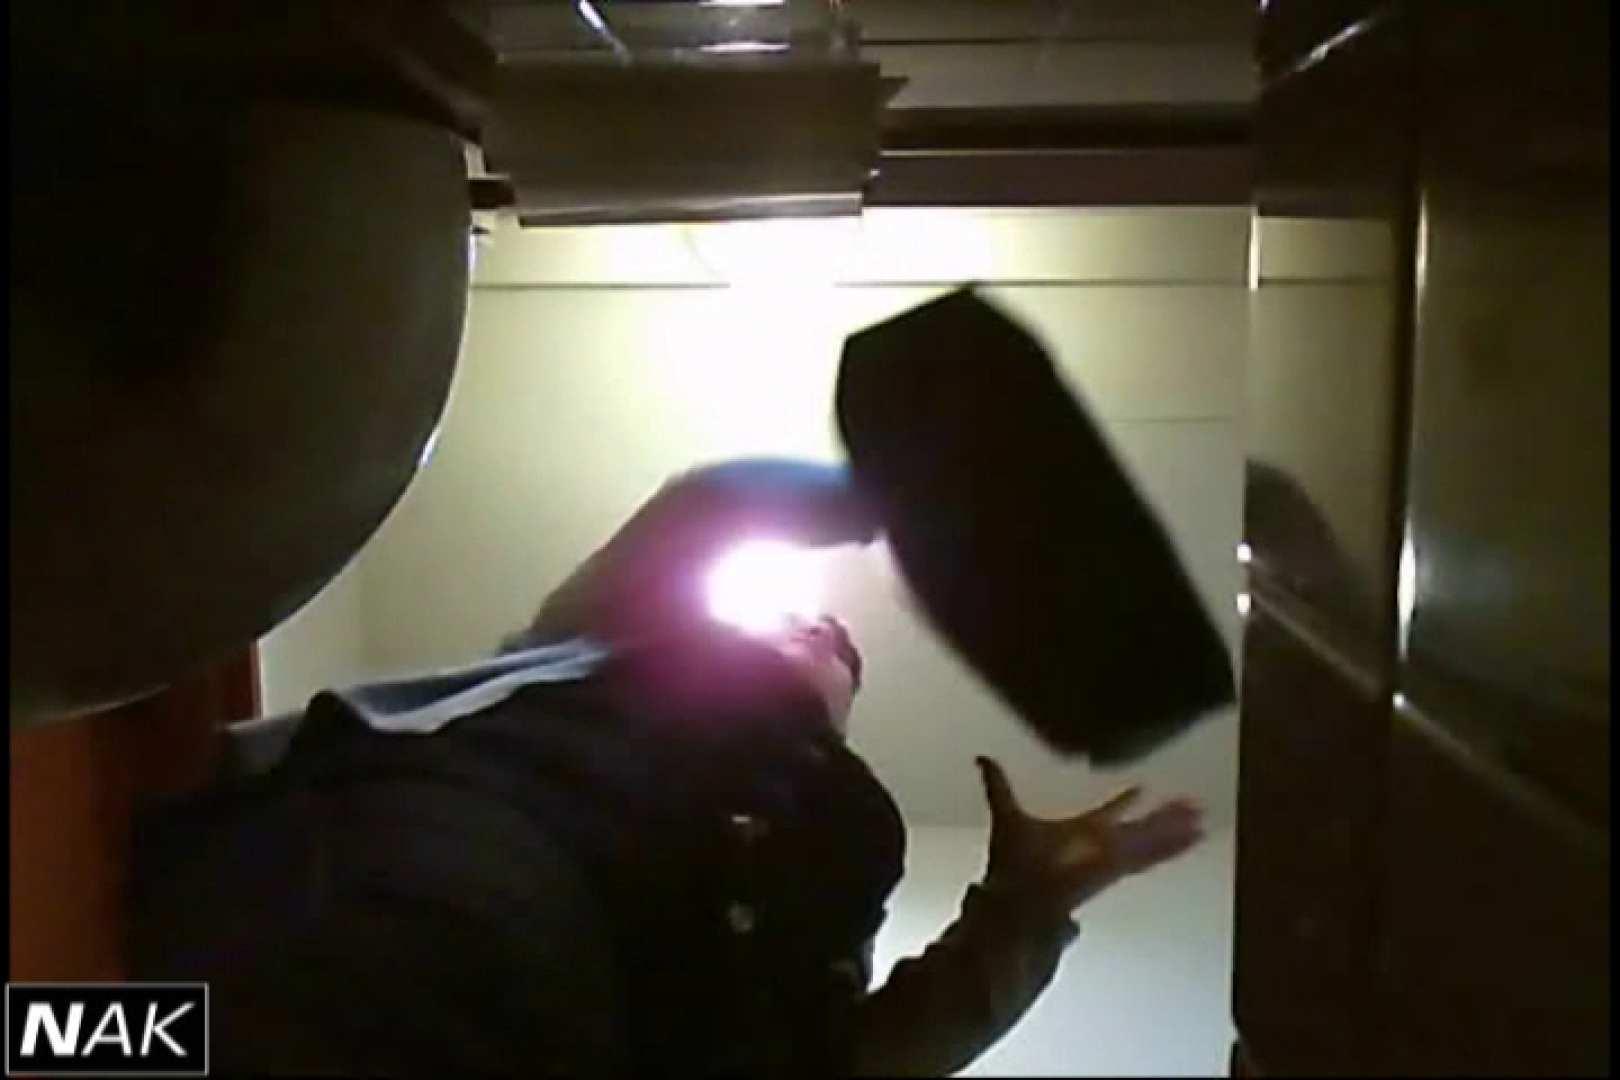 亀さんかわや VIP和式2カメバージョン! vol.05 和式 盗撮おめこ無修正動画無料 110画像 79